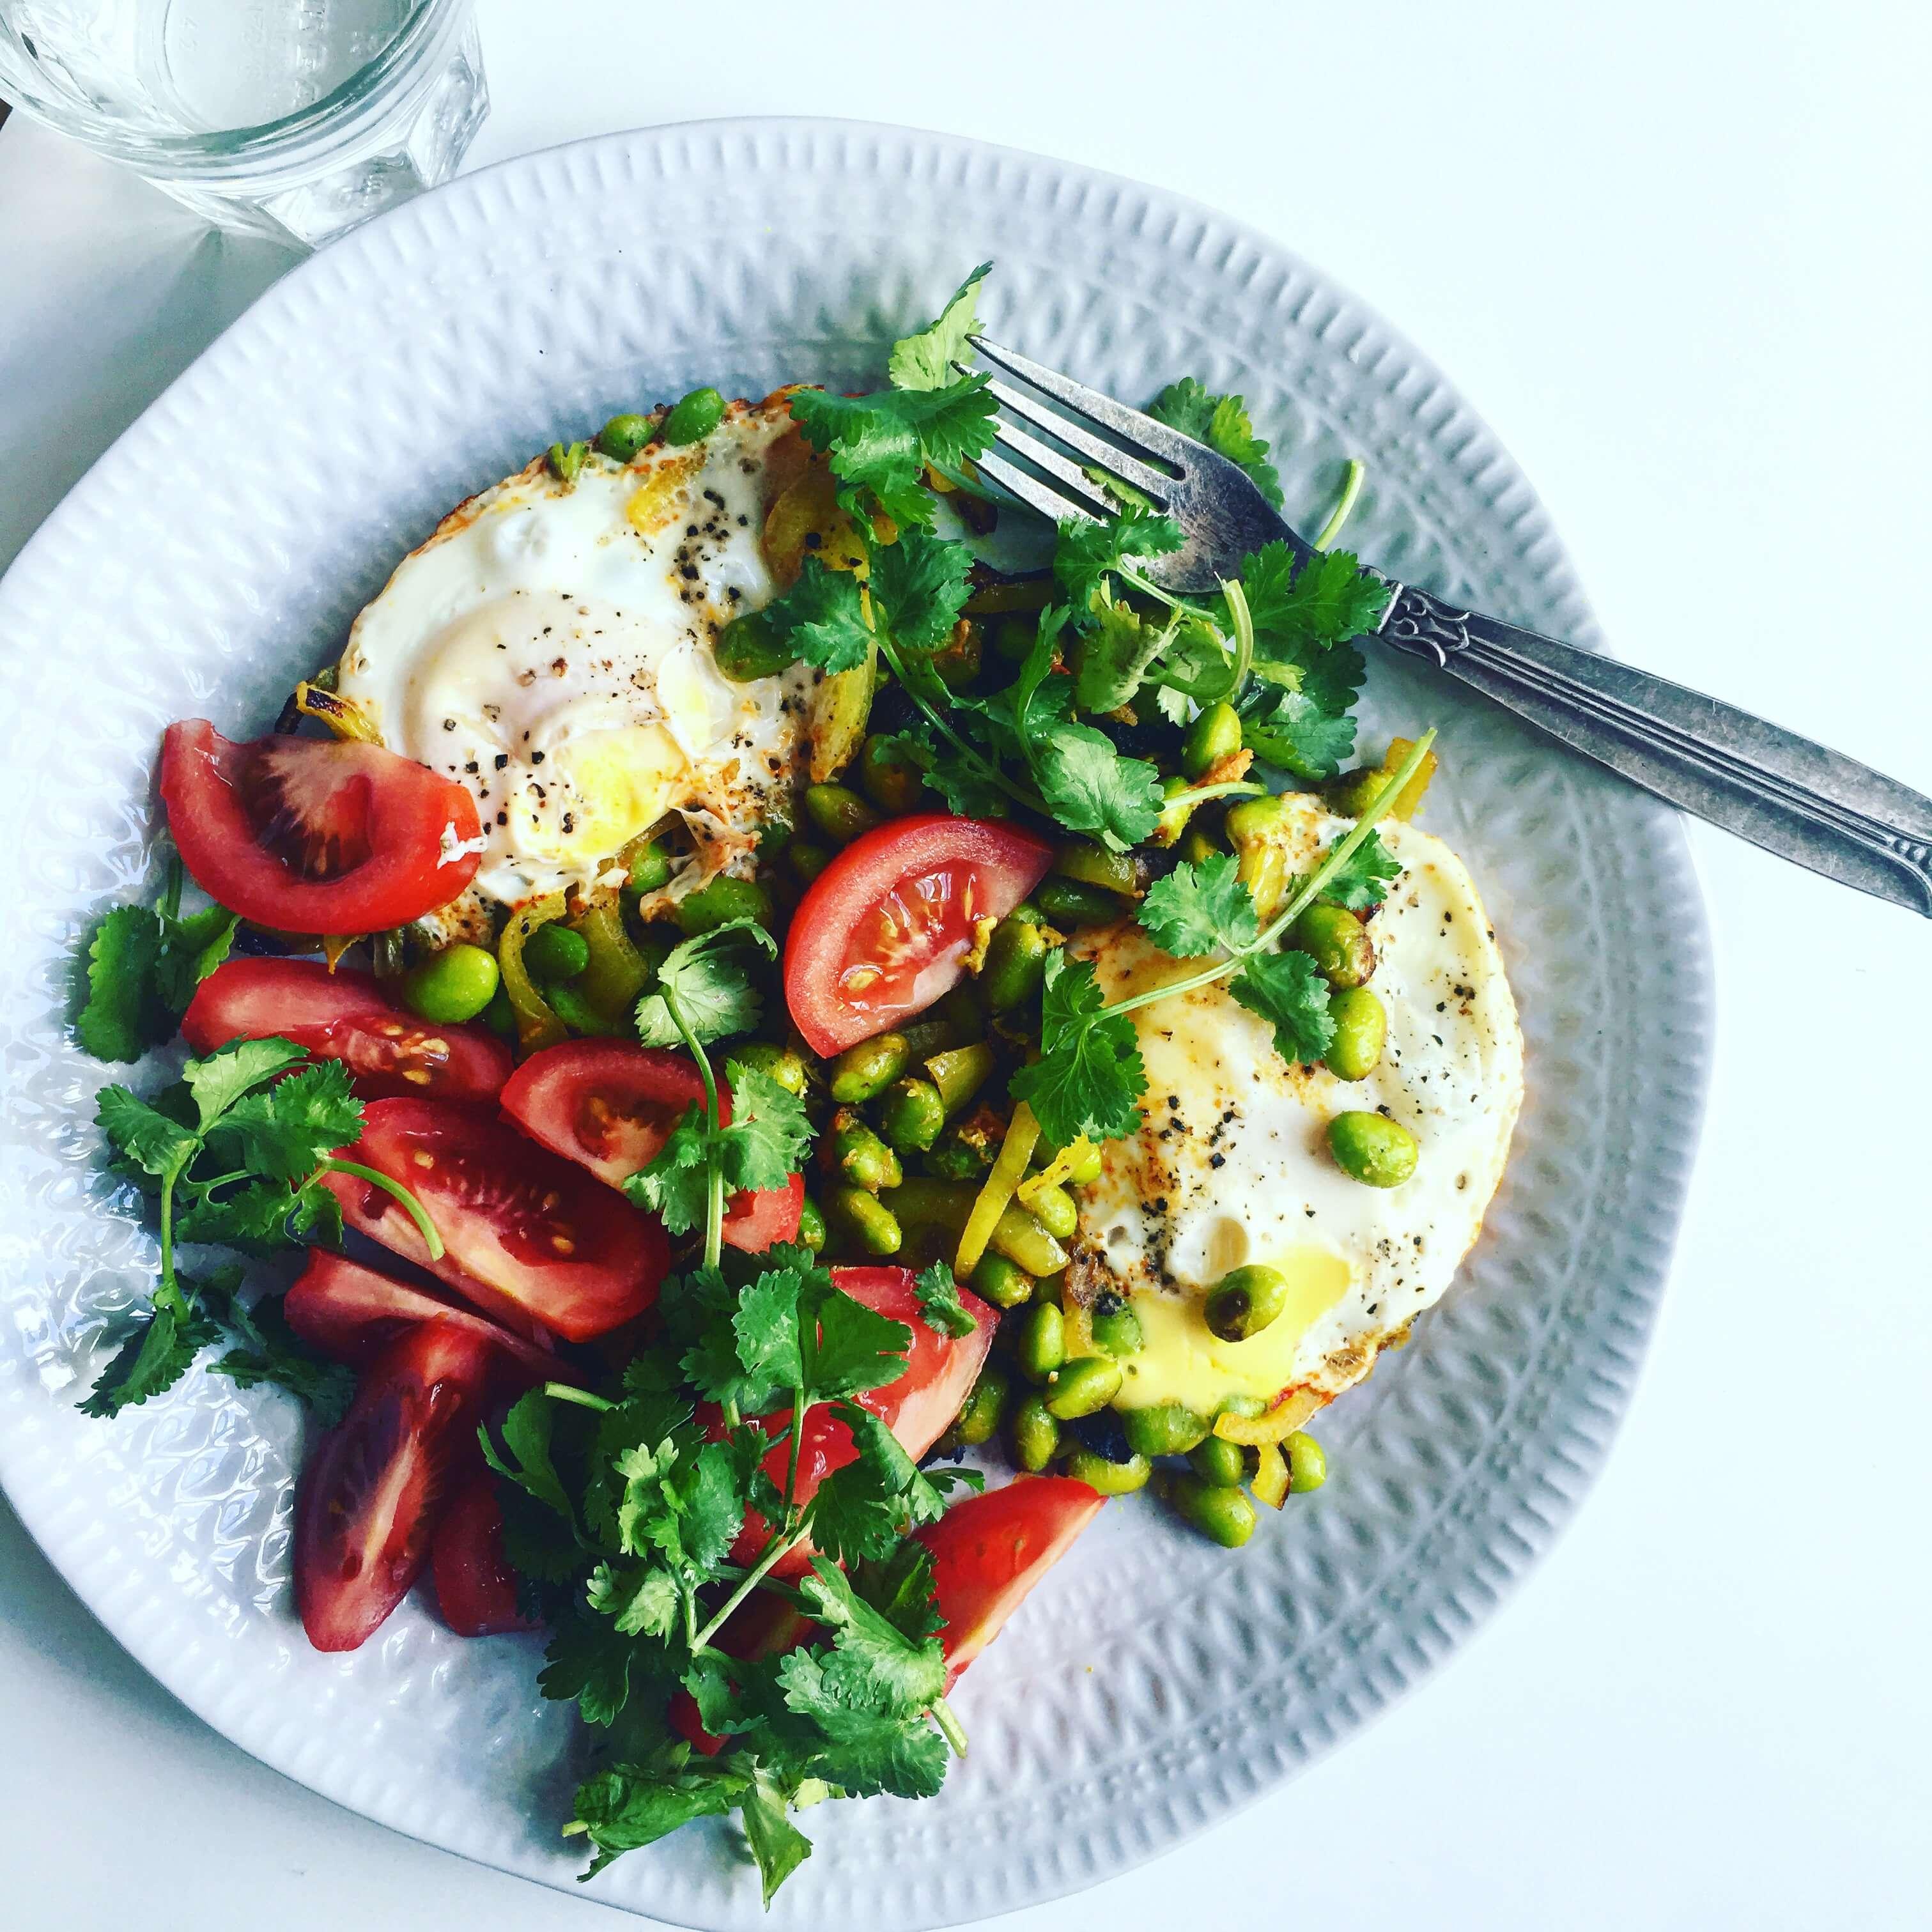 быстрый и полезный завтрак для гурманов: яичница с овощами и зеленью